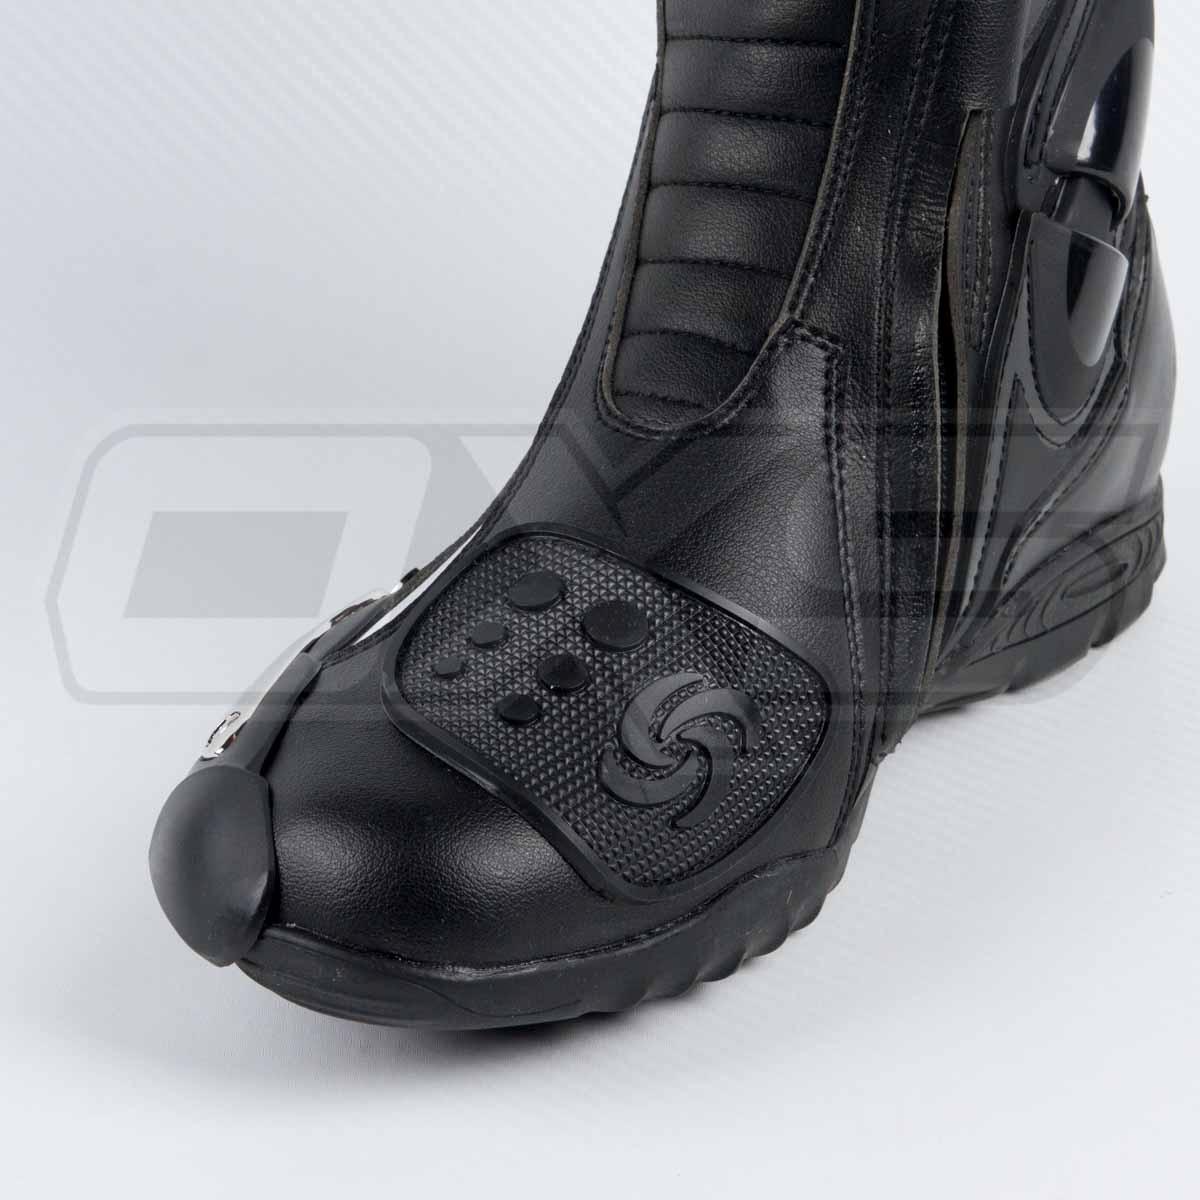 13aa81b3b3b Botas Para Moto Tipo Caña Alta Speed Protecciones -   109.990 en ...